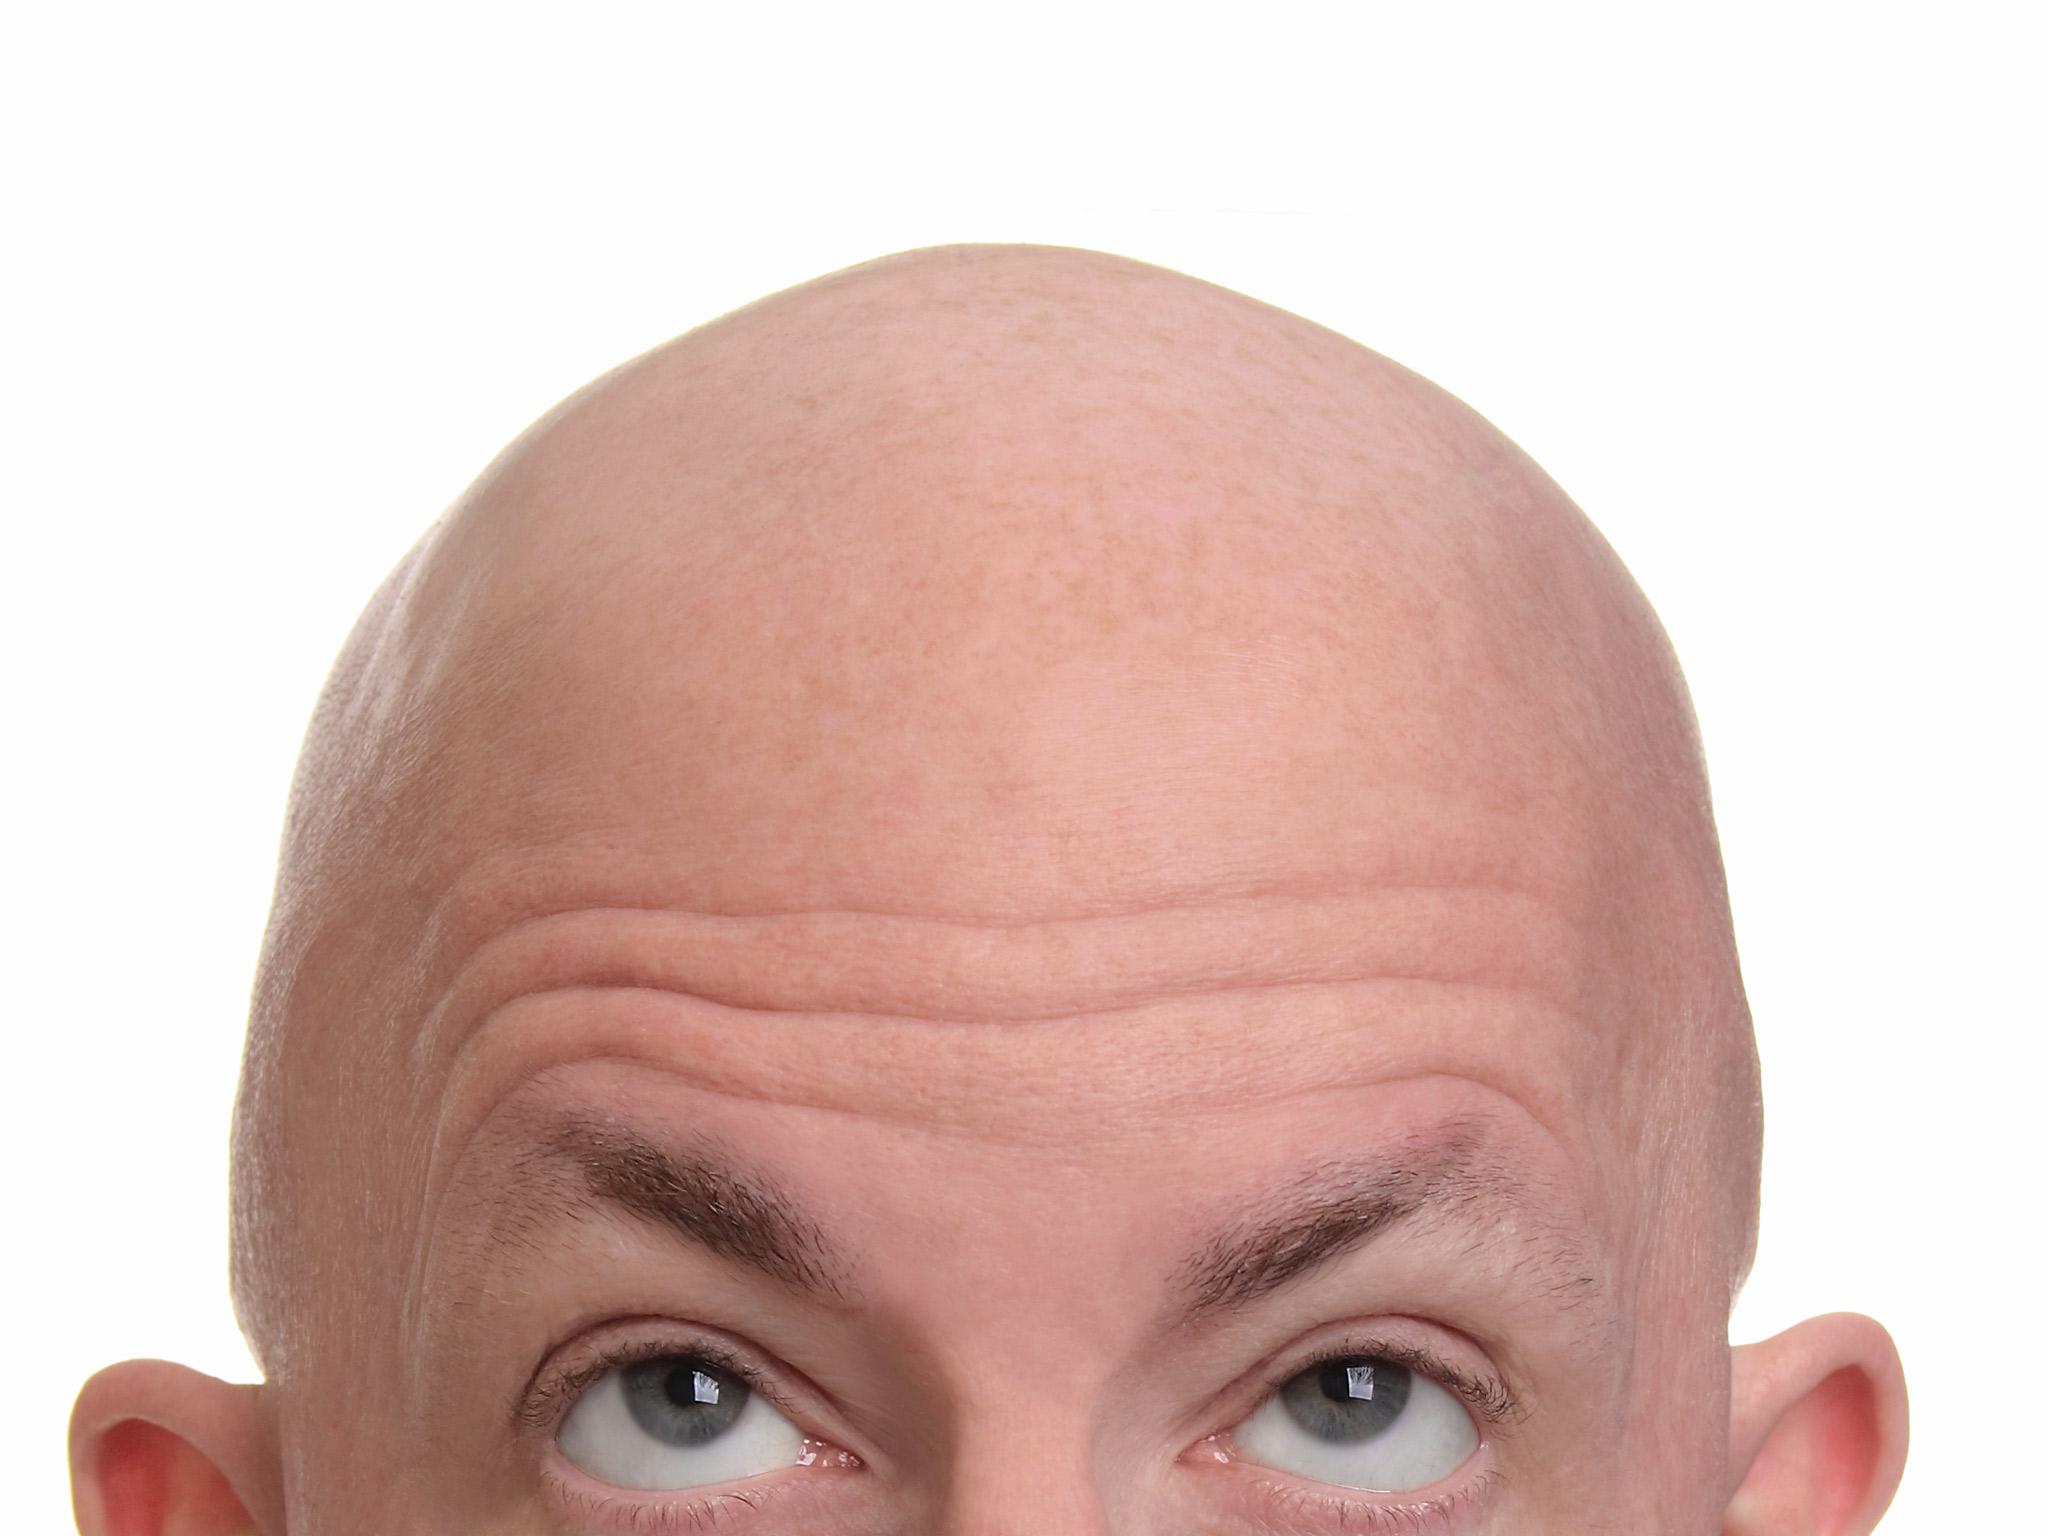 بخاخ نيوكسيديل لعلاج الصلع وتساقط الشعر